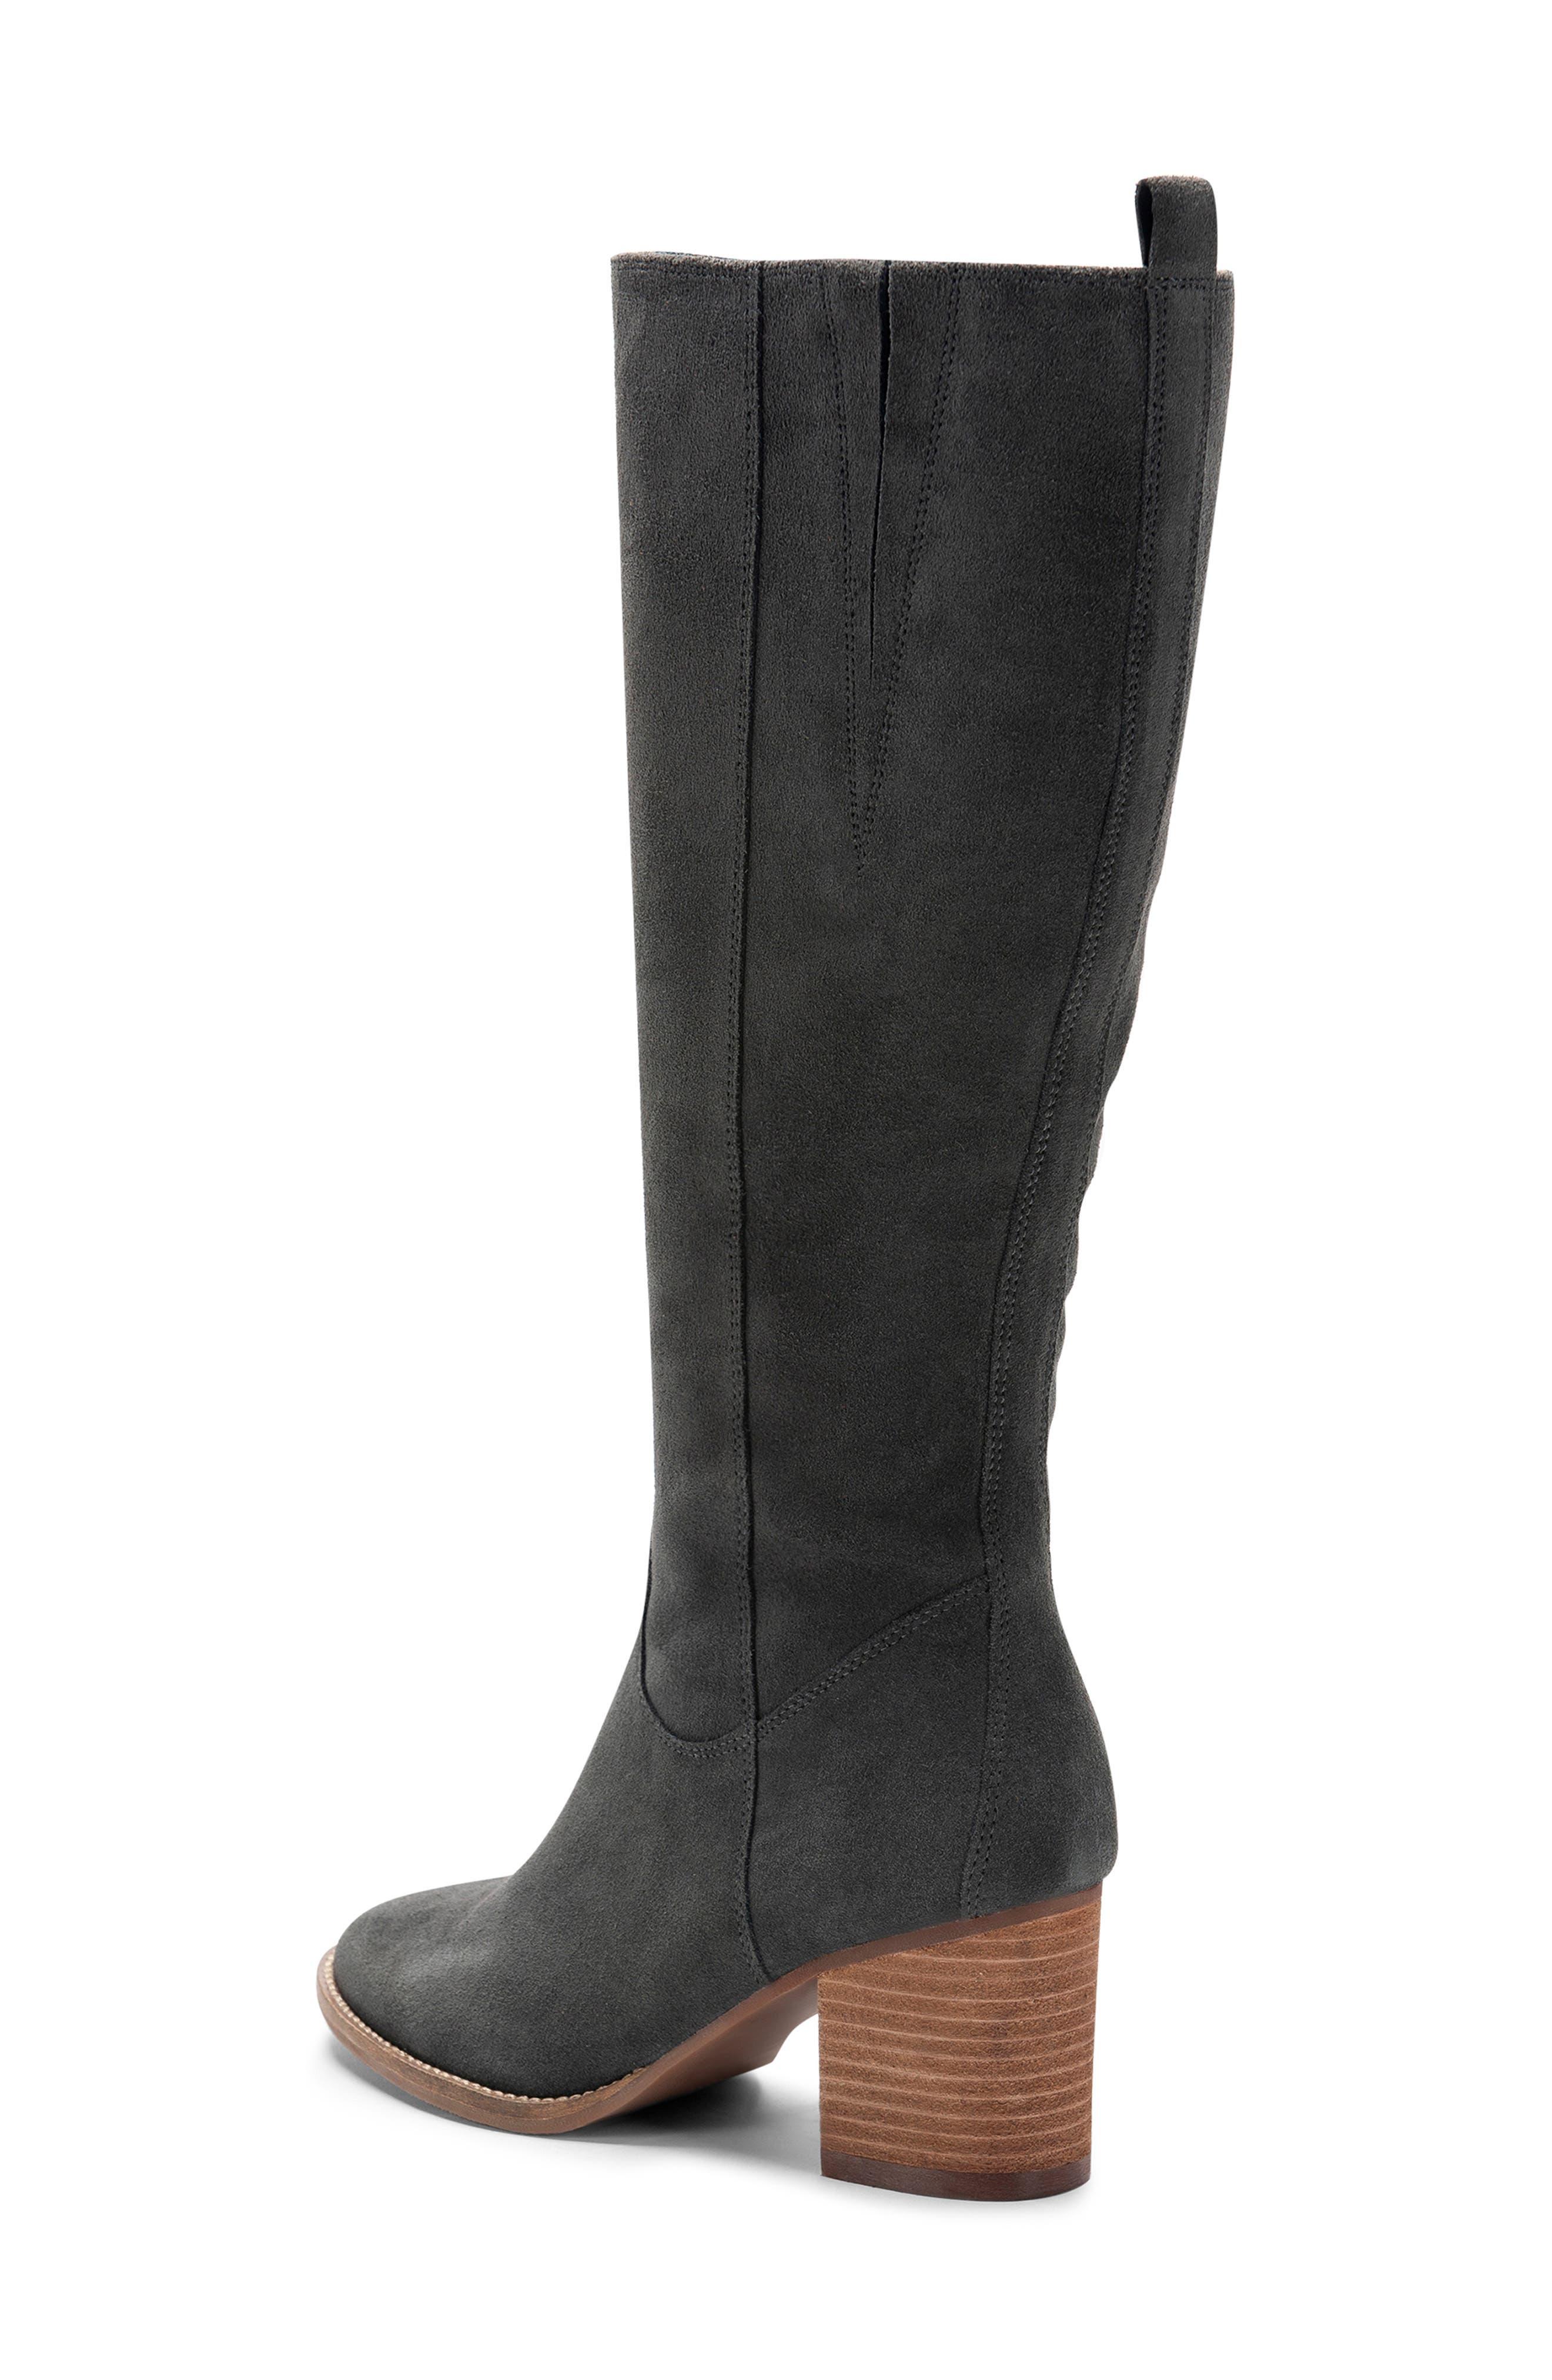 BLONDO, Nikki Waterproof Knee High Waterproof Boot, Alternate thumbnail 2, color, DARK GREY SUEDE